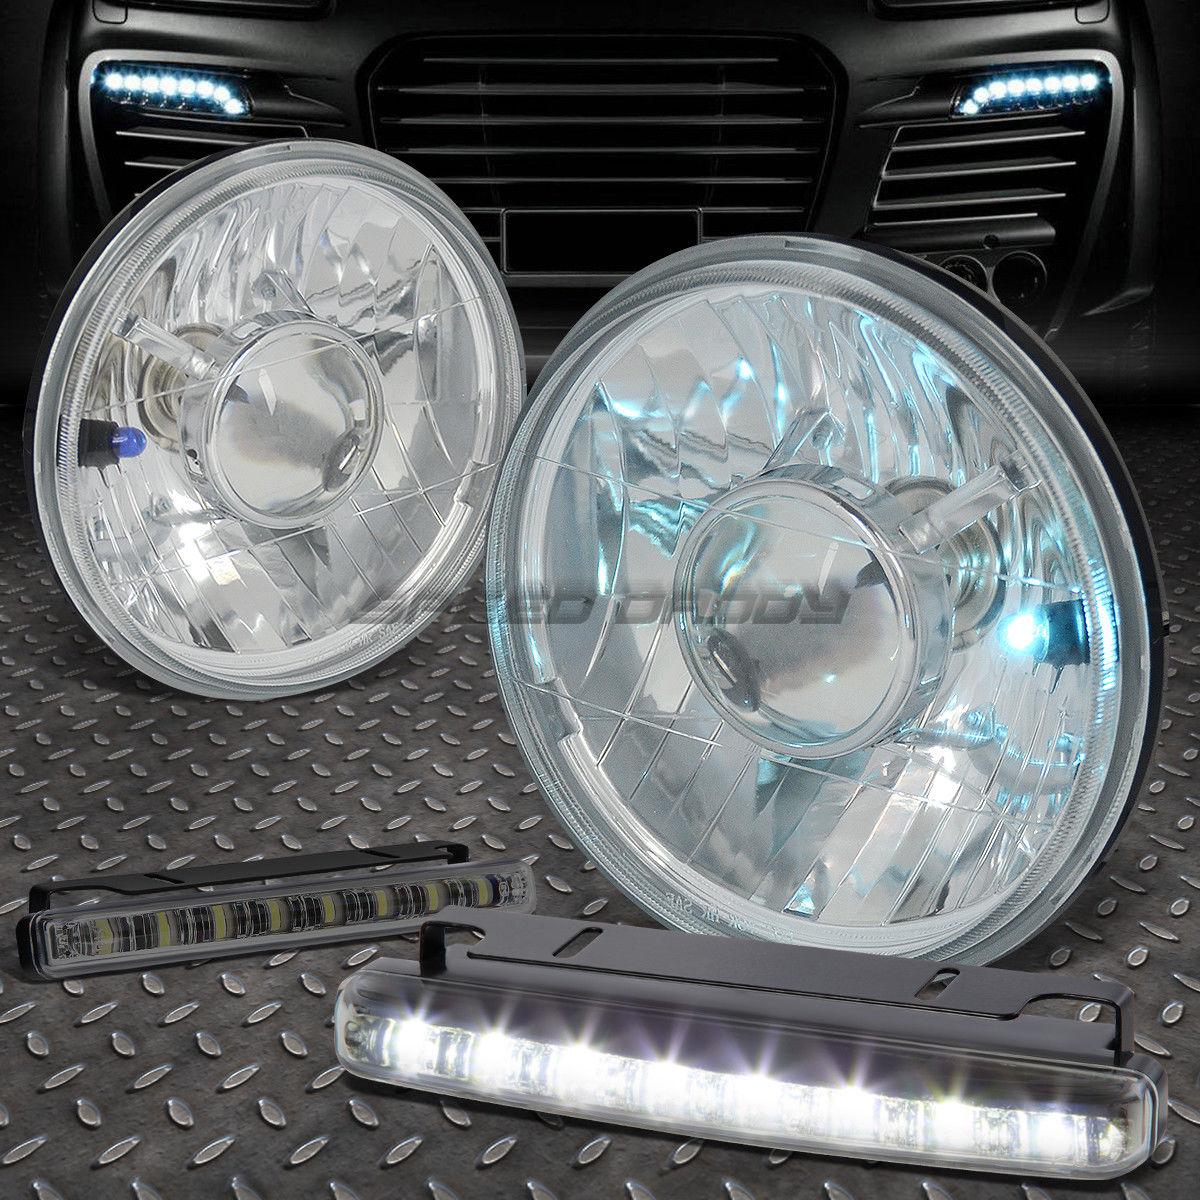 フォグライト SQUARE CLEAR LENS DIAMOND HEADLIGHT LAMP+8 LED SMOKE FOG LIGHT FOR 7X6 H6017 正方形のクリアレンズのLEDヘッドライトランプ+ 7×6のH6017のための8個のLED煙霧ライト